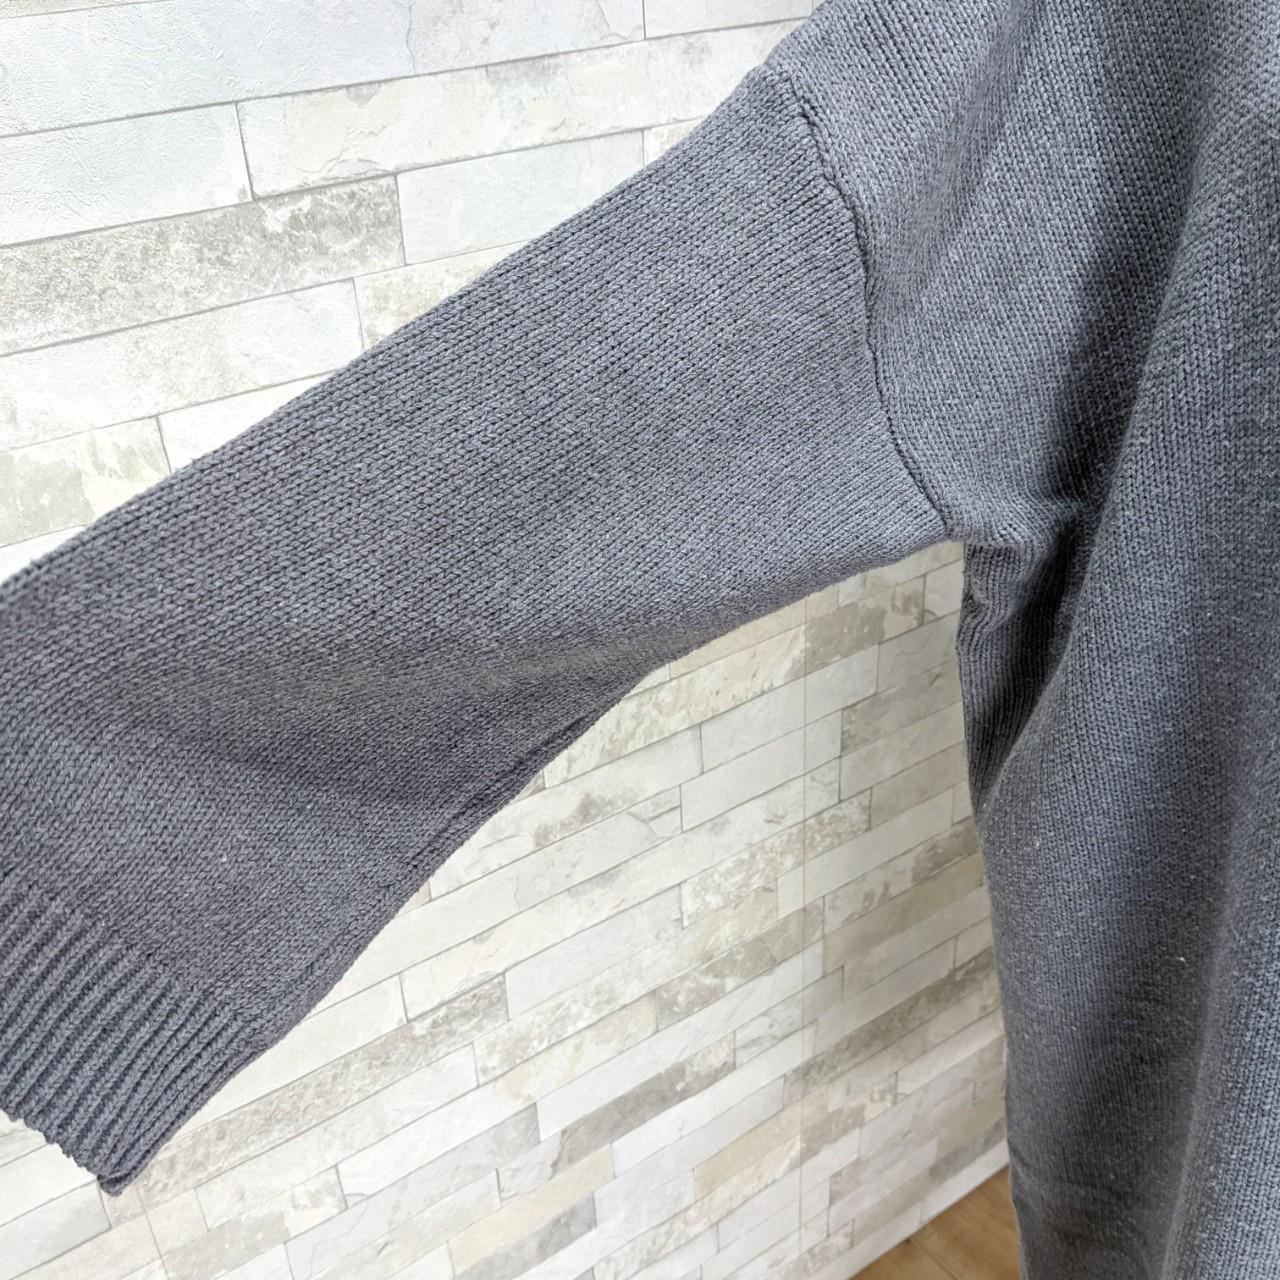 【即納】韓国 ファッション ワンピース 秋 冬 カジュアル SPTXH166  ゆったり リブニットワンピ ビッグシルエット オルチャン シンプル 定番 セレカジの写真9枚目